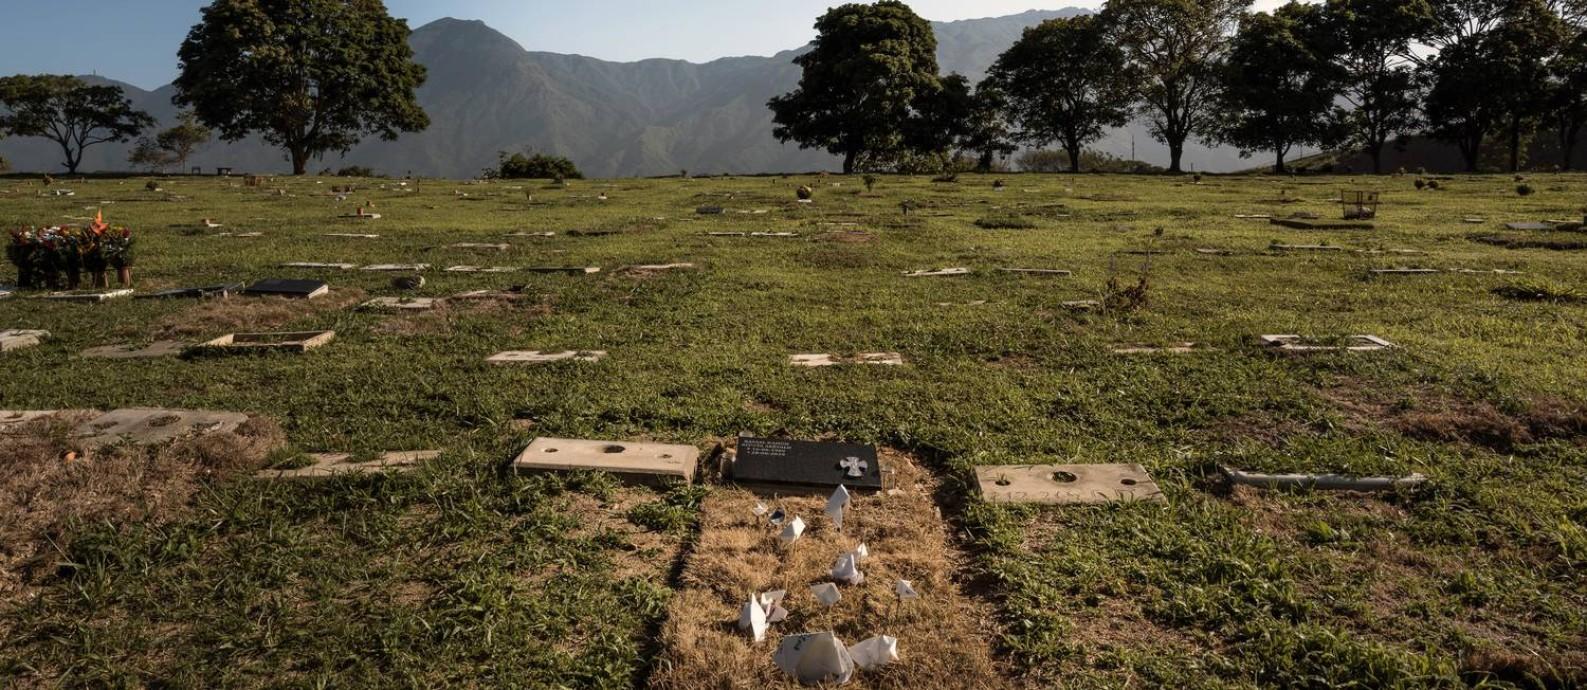 O túmulo de Rafael Acosta, capitão da Marinha morto sob custódia, em Caracas Foto: ADRIANA LOUREIRO FERNANDEZ / NYT 29-7-19